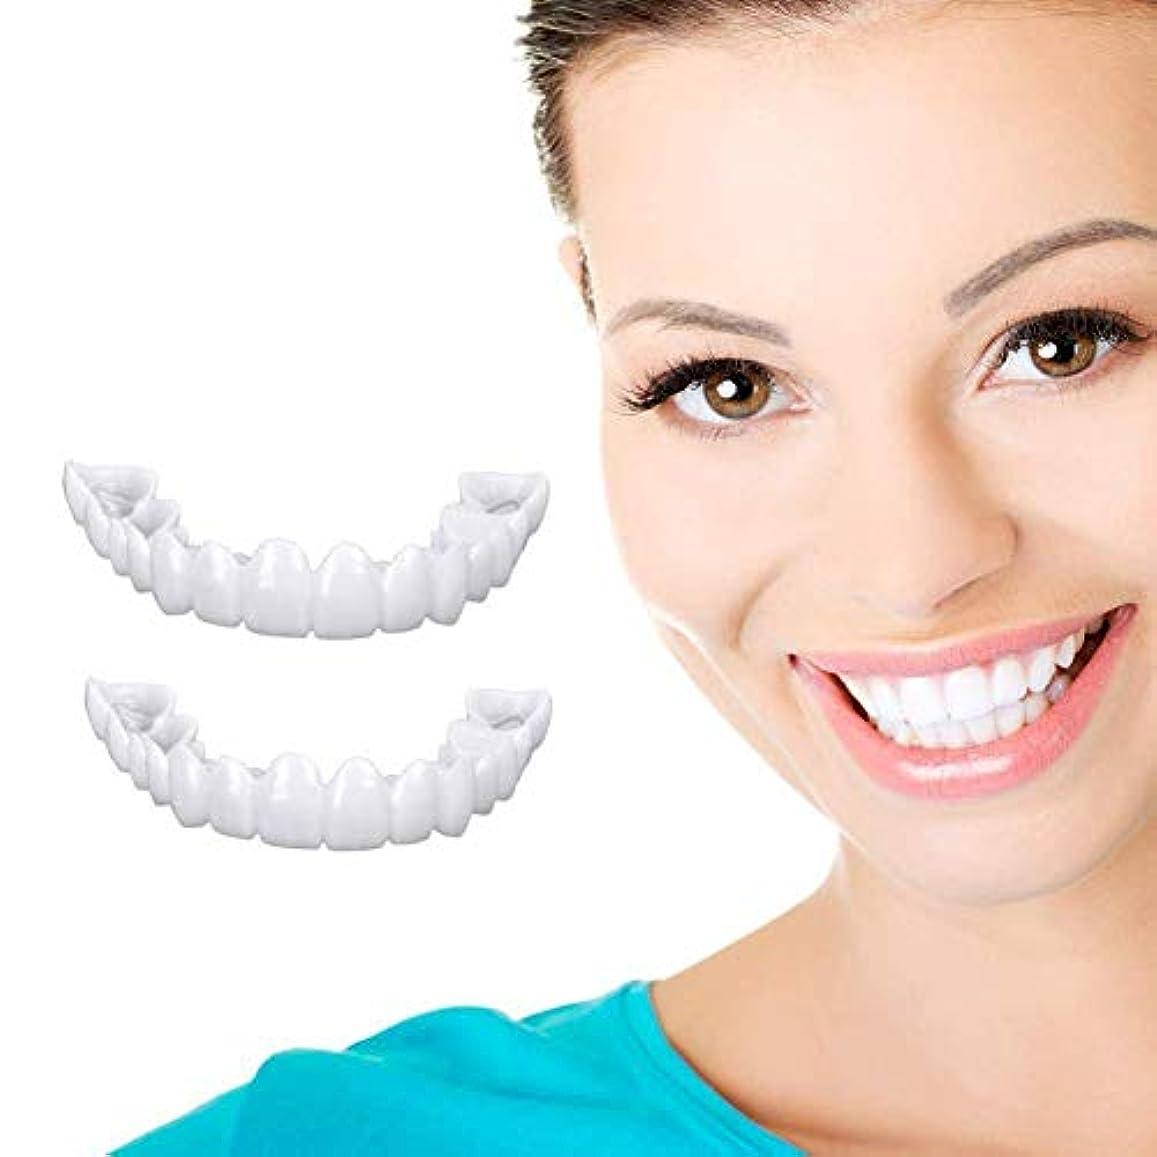 反毒挨拶する間に合わせインスタントブレースの歯のスナップキャップを白くする快適フィット義歯の上のベニヤの笑顔ワンサイズ最もフィットする(上と下用),20Pairs